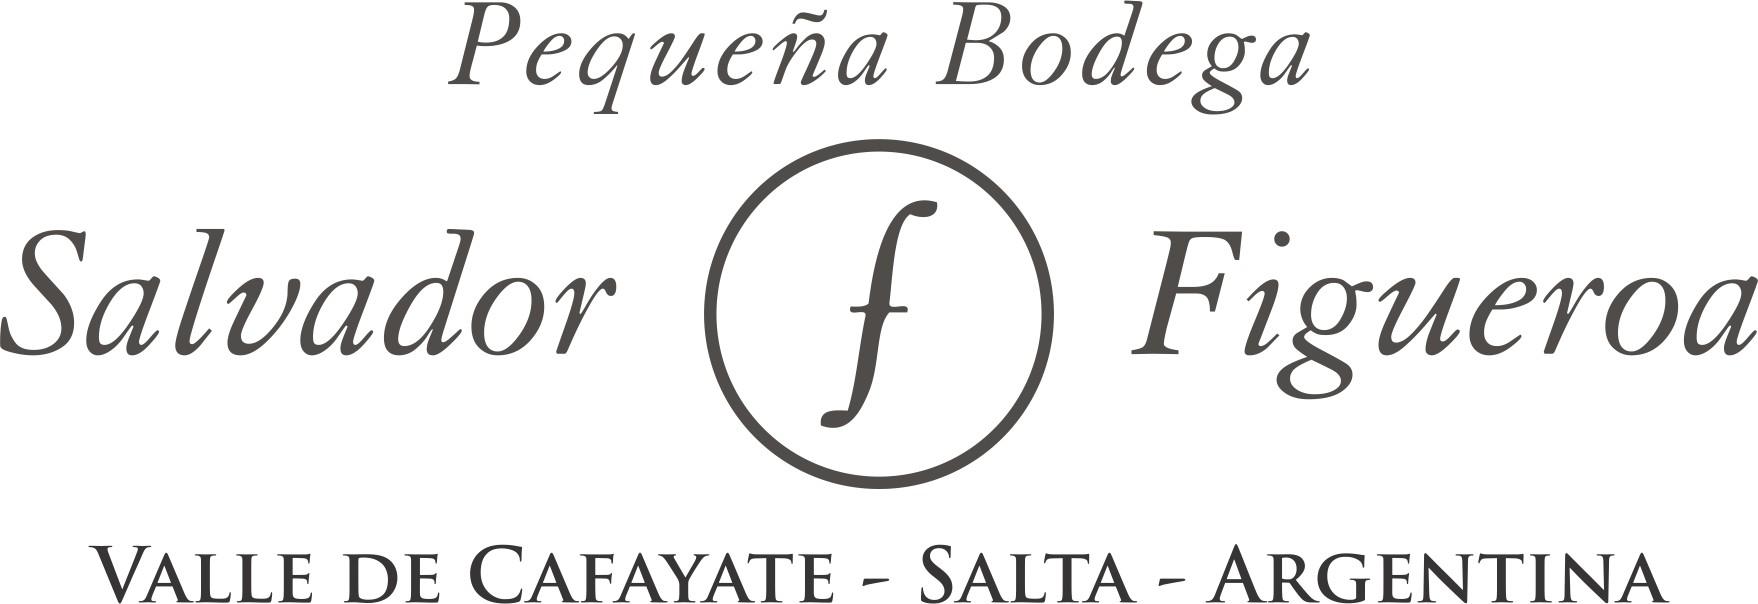 Pequeña Bodega Salvador Figueroa, Cafayate, Salta